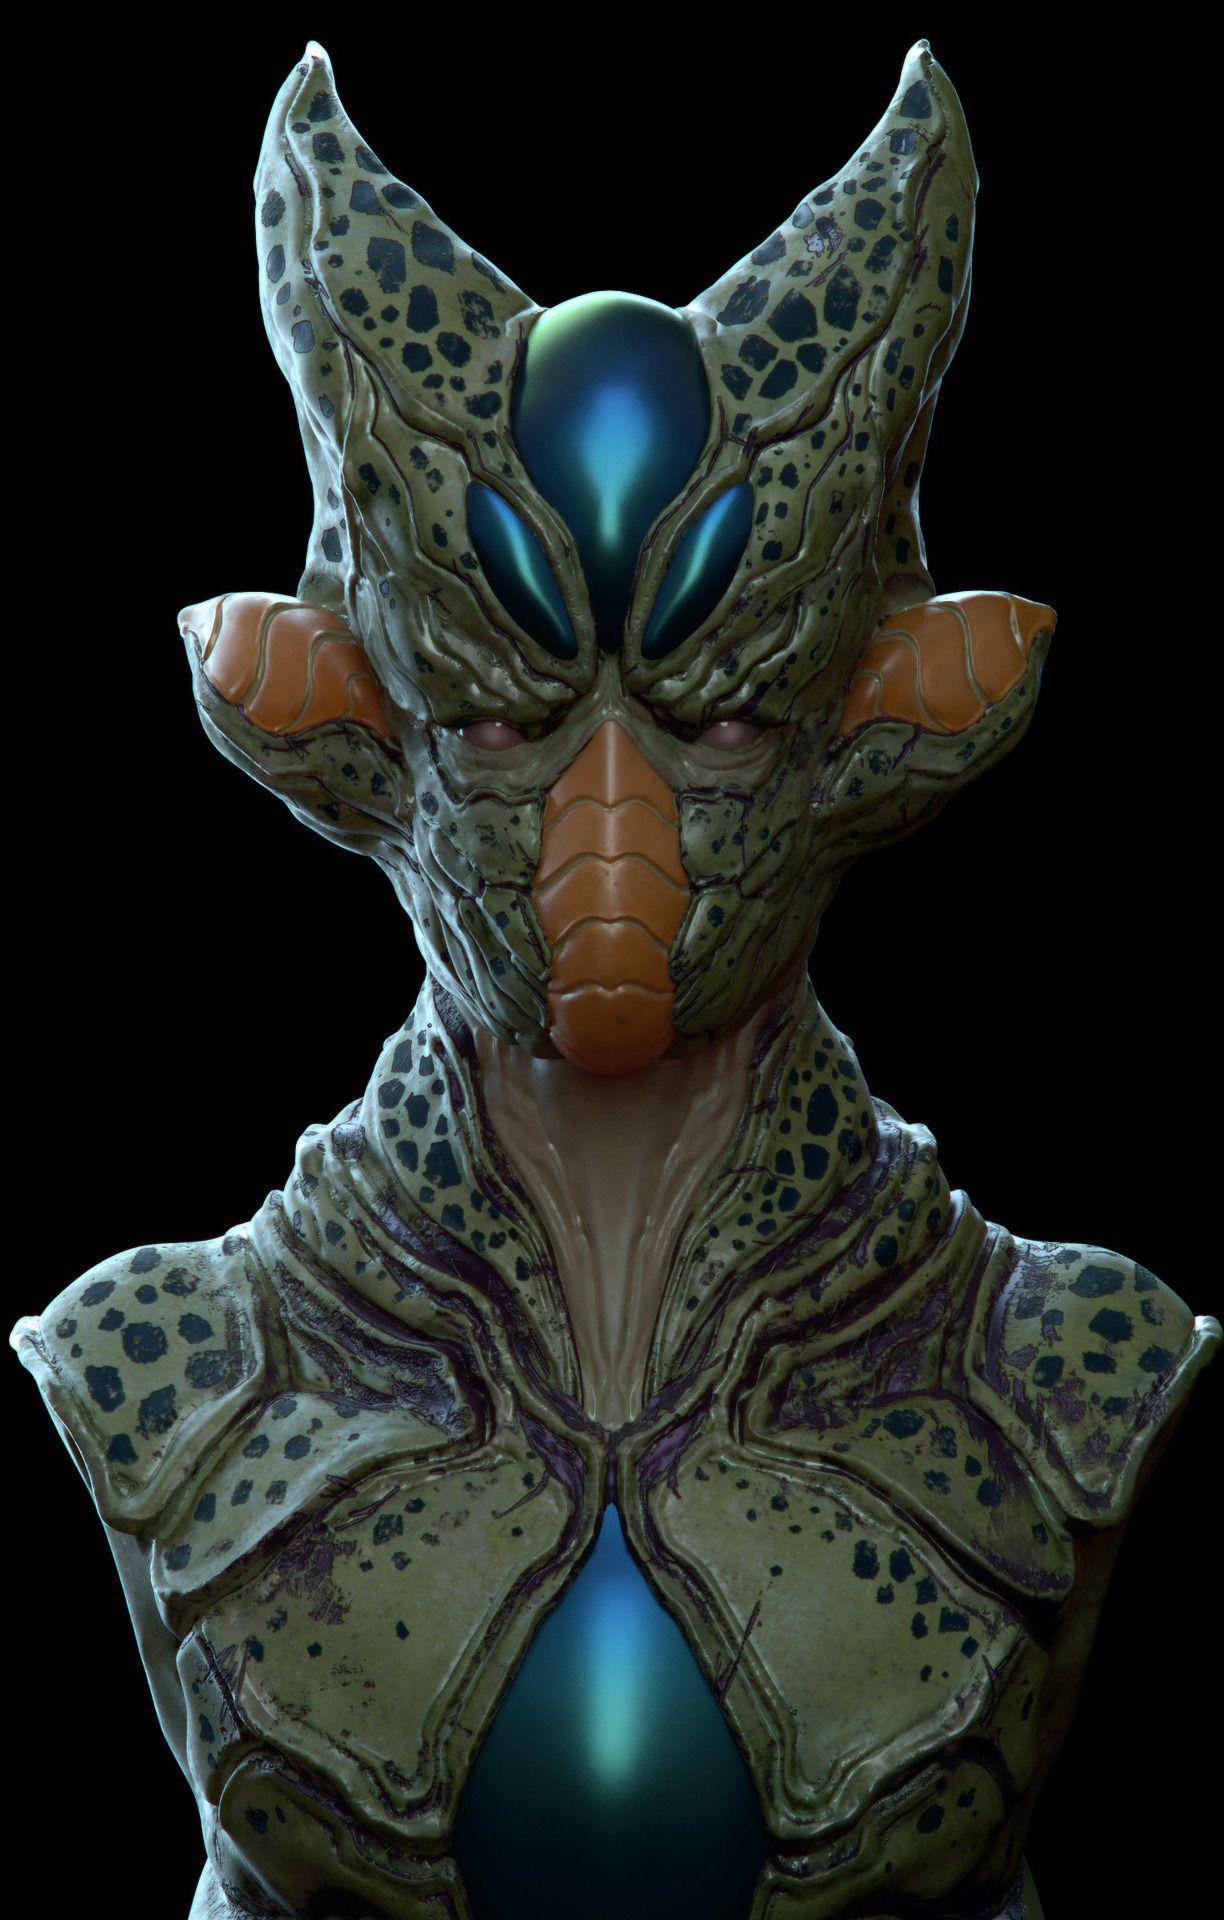 imperfect cell dragon ball fan art by pavee keawmafai dragon